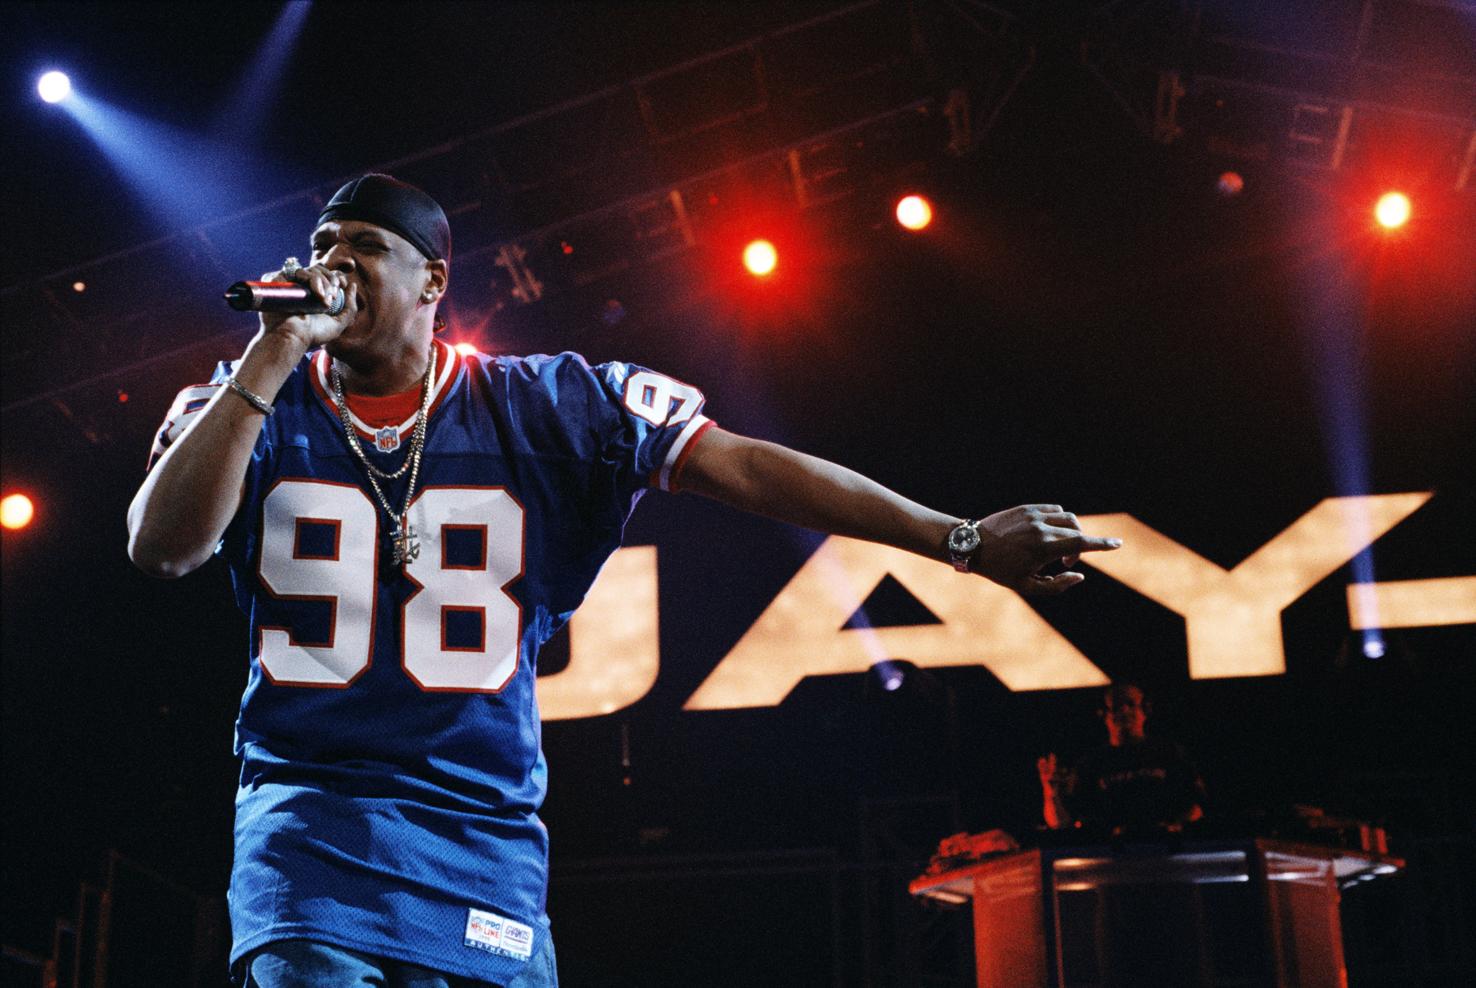 04-Jay-Z+.jpg